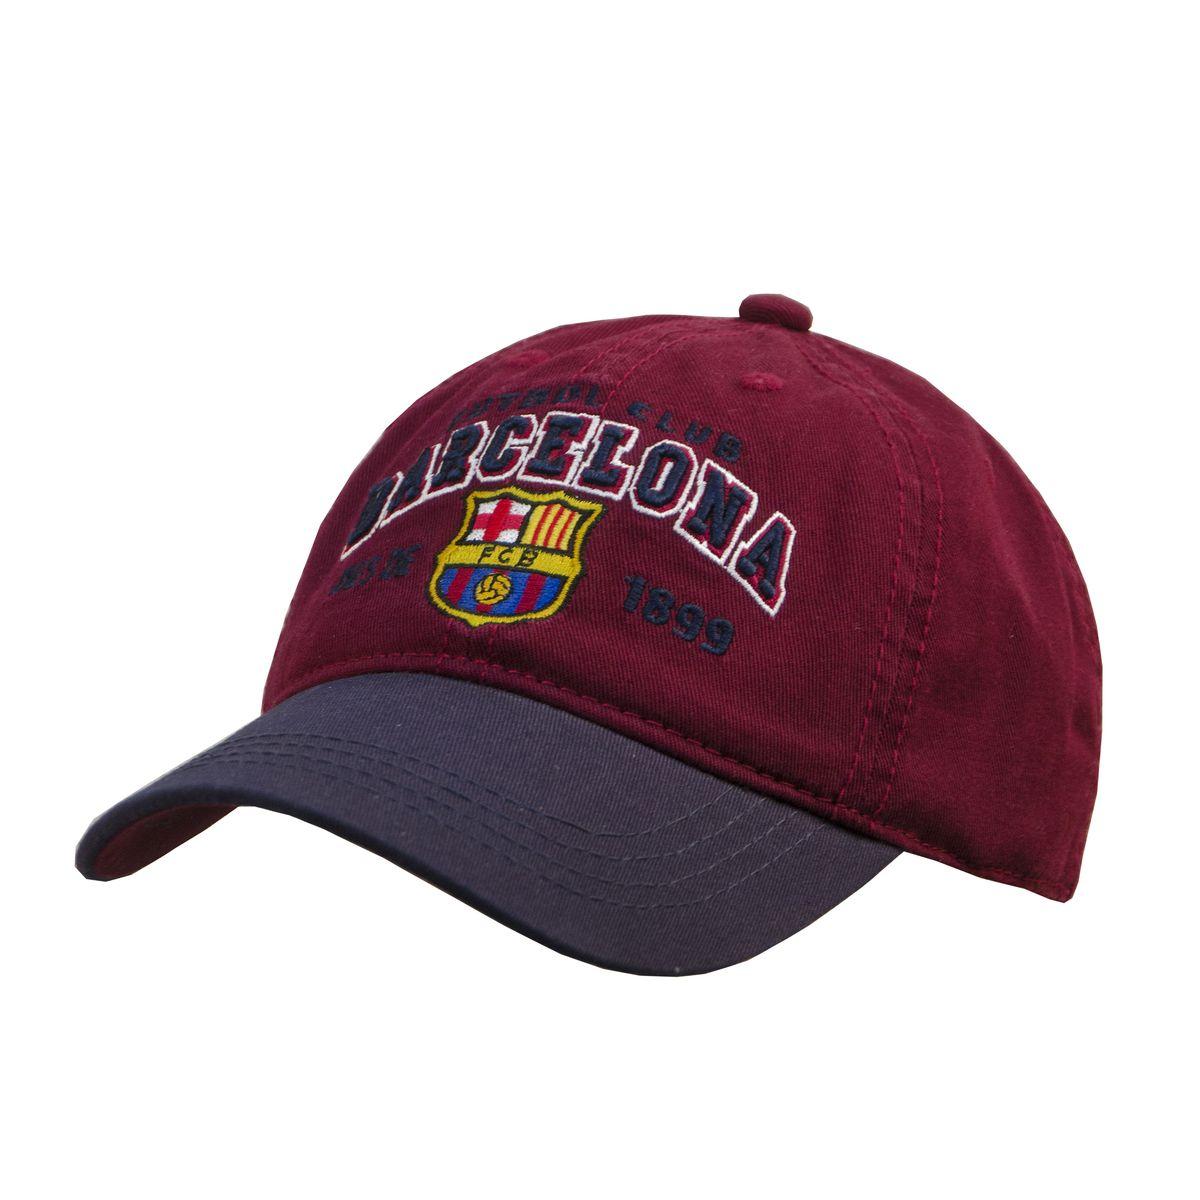 Бейсболка мужская Barcelona FC, цвет: гранатовый. 107713. Размер L/XL (55-58)107713Все изображения - вышиты. Металлический фиксатор с гравировкой логотипа.